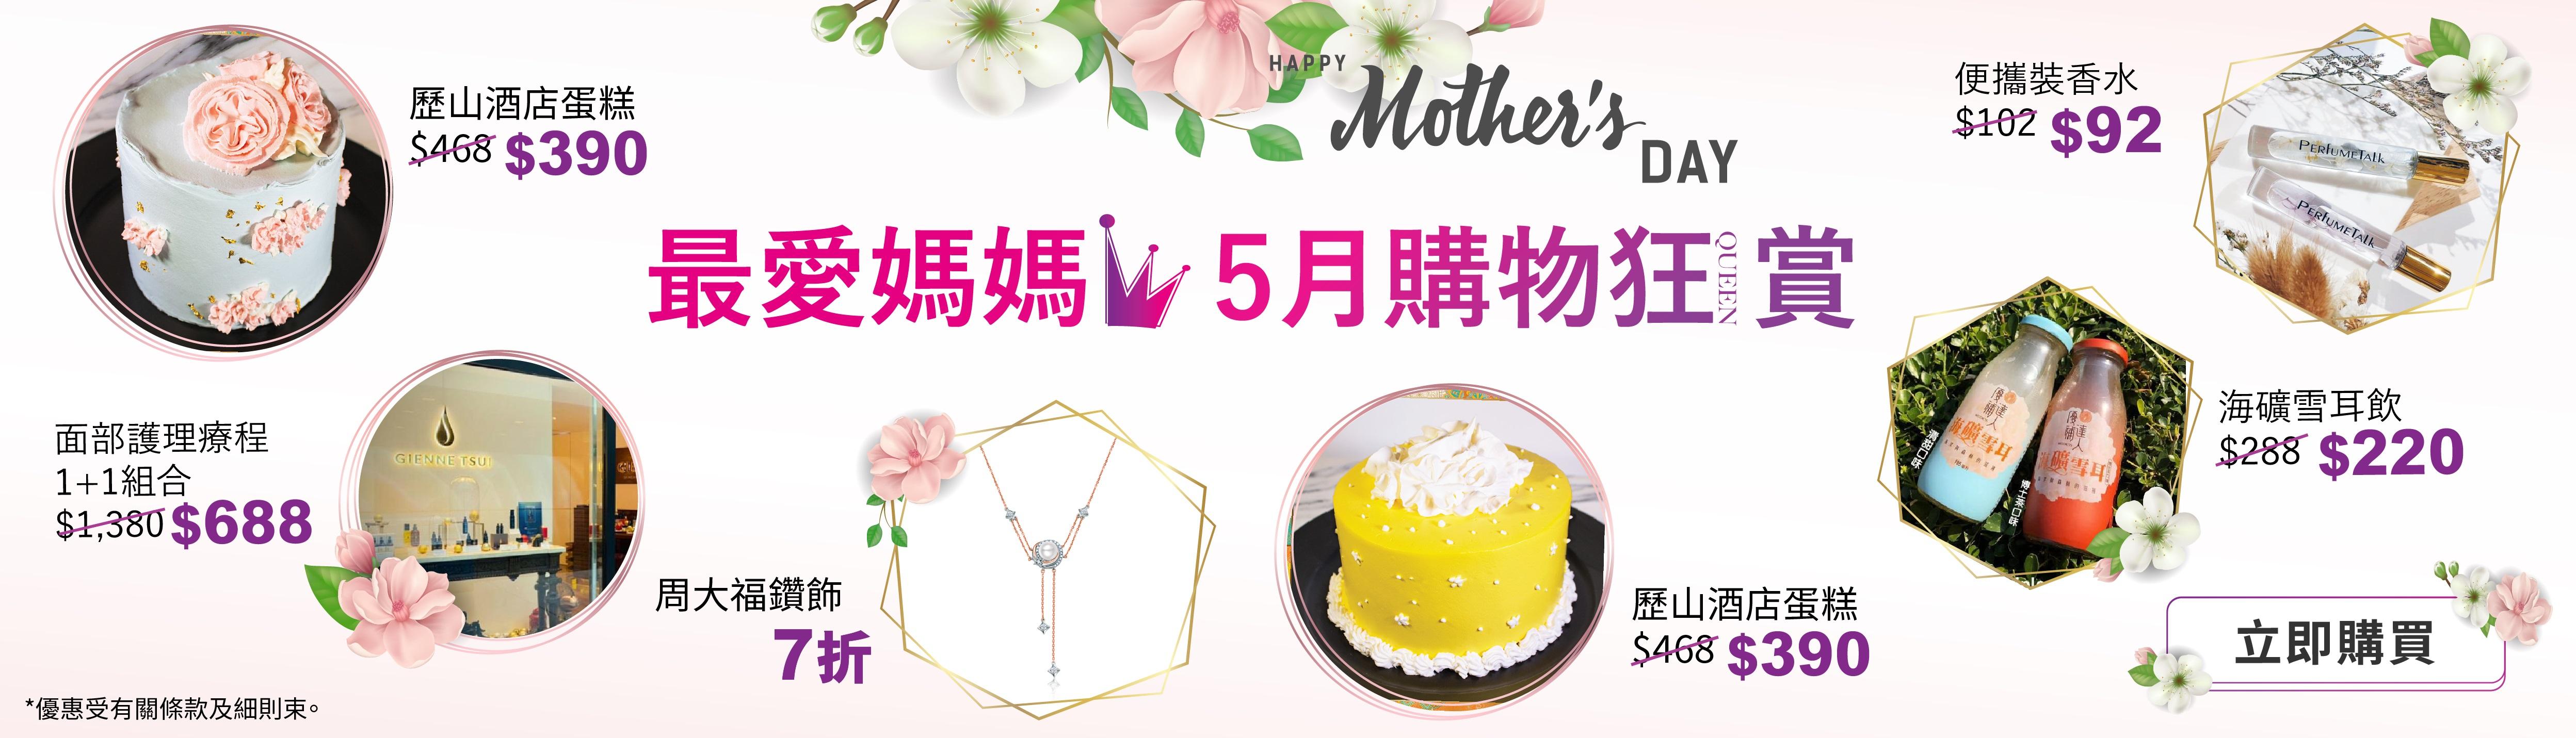 最愛媽媽購物狂賞